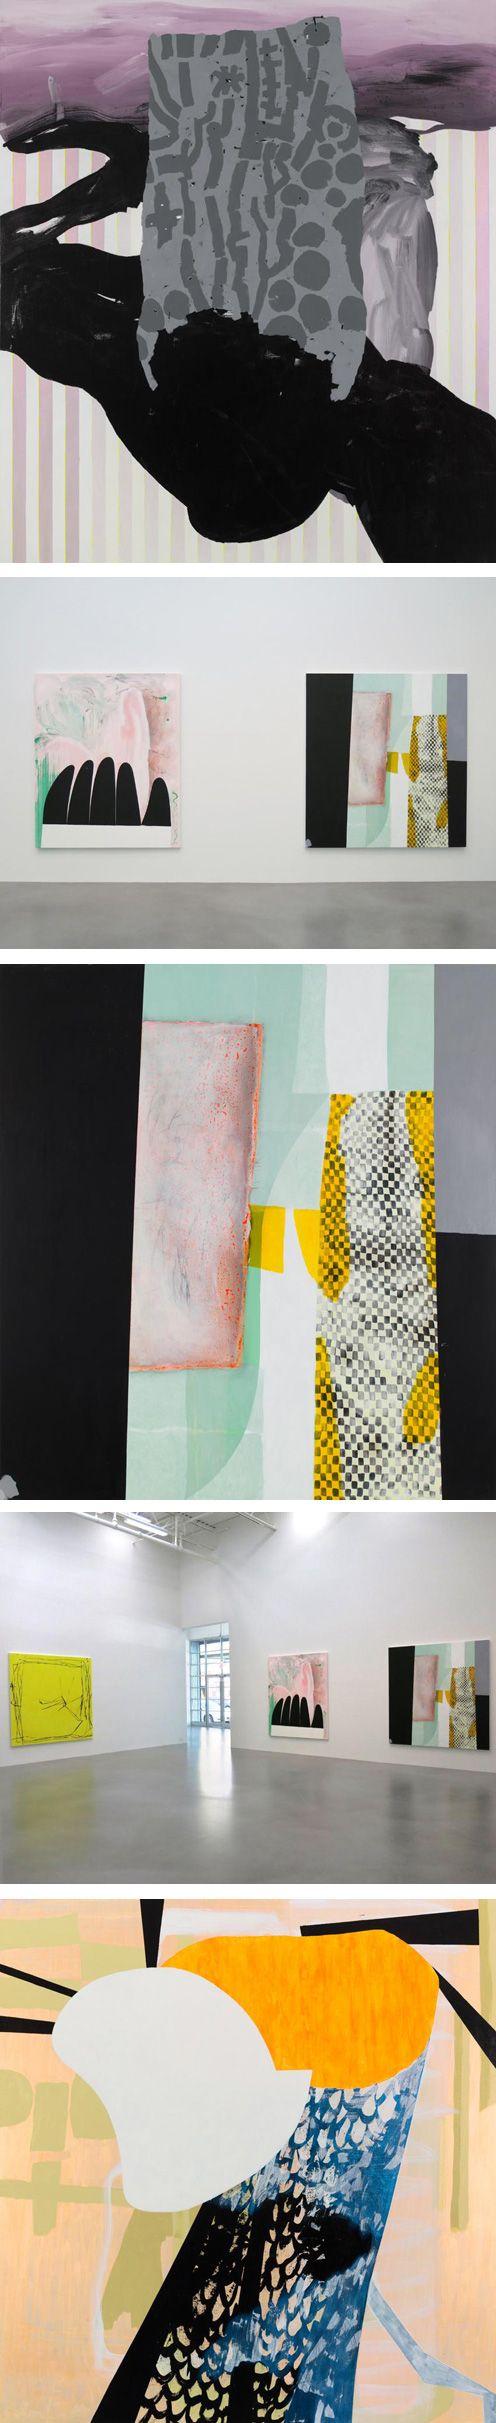 Charline von Heyl at Petzel Gallery via http://www.petzel.com/exhibitions/2013-09-06_charline-von-heyl/